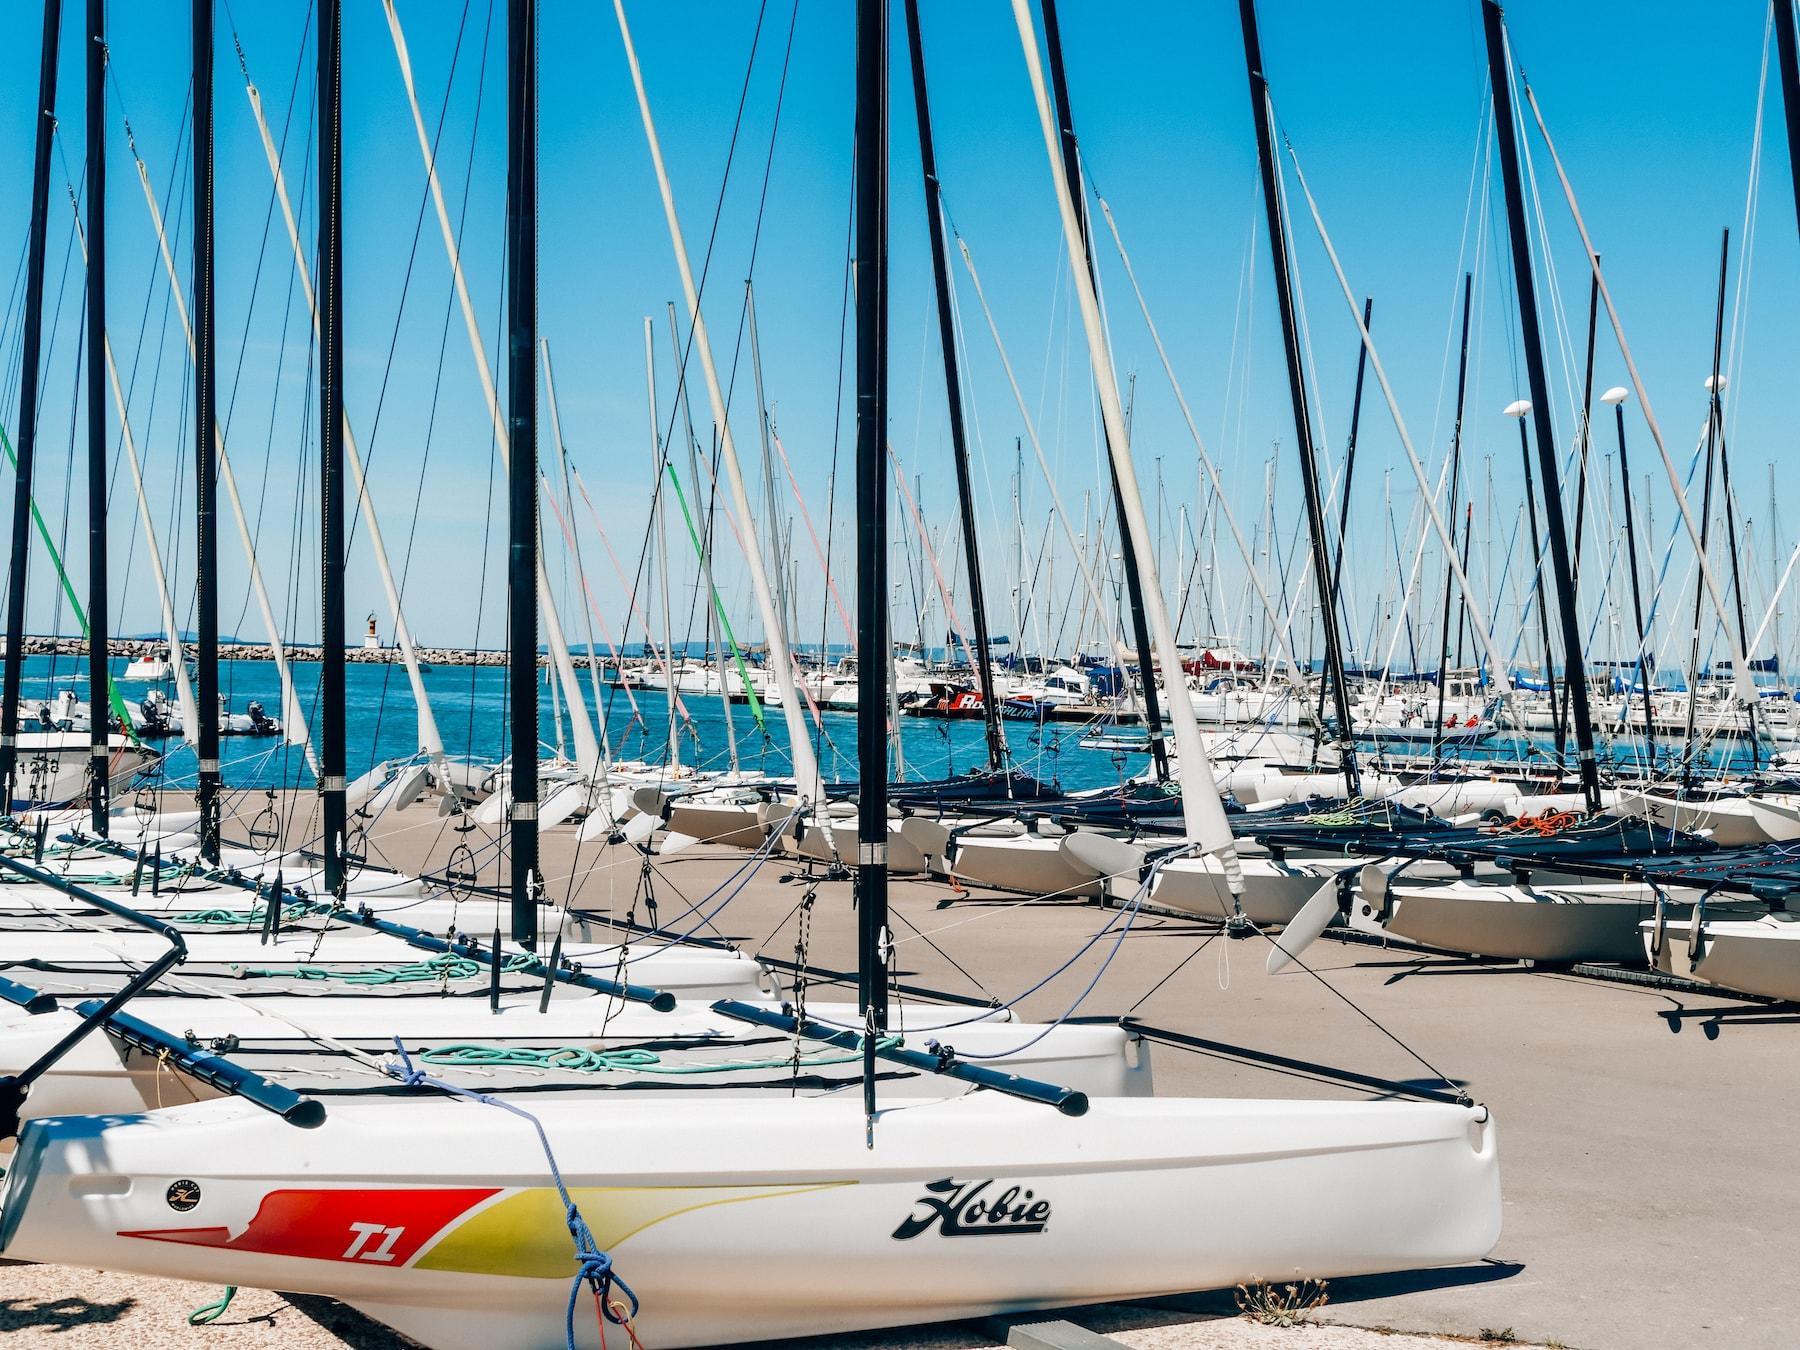 visiter port camargue